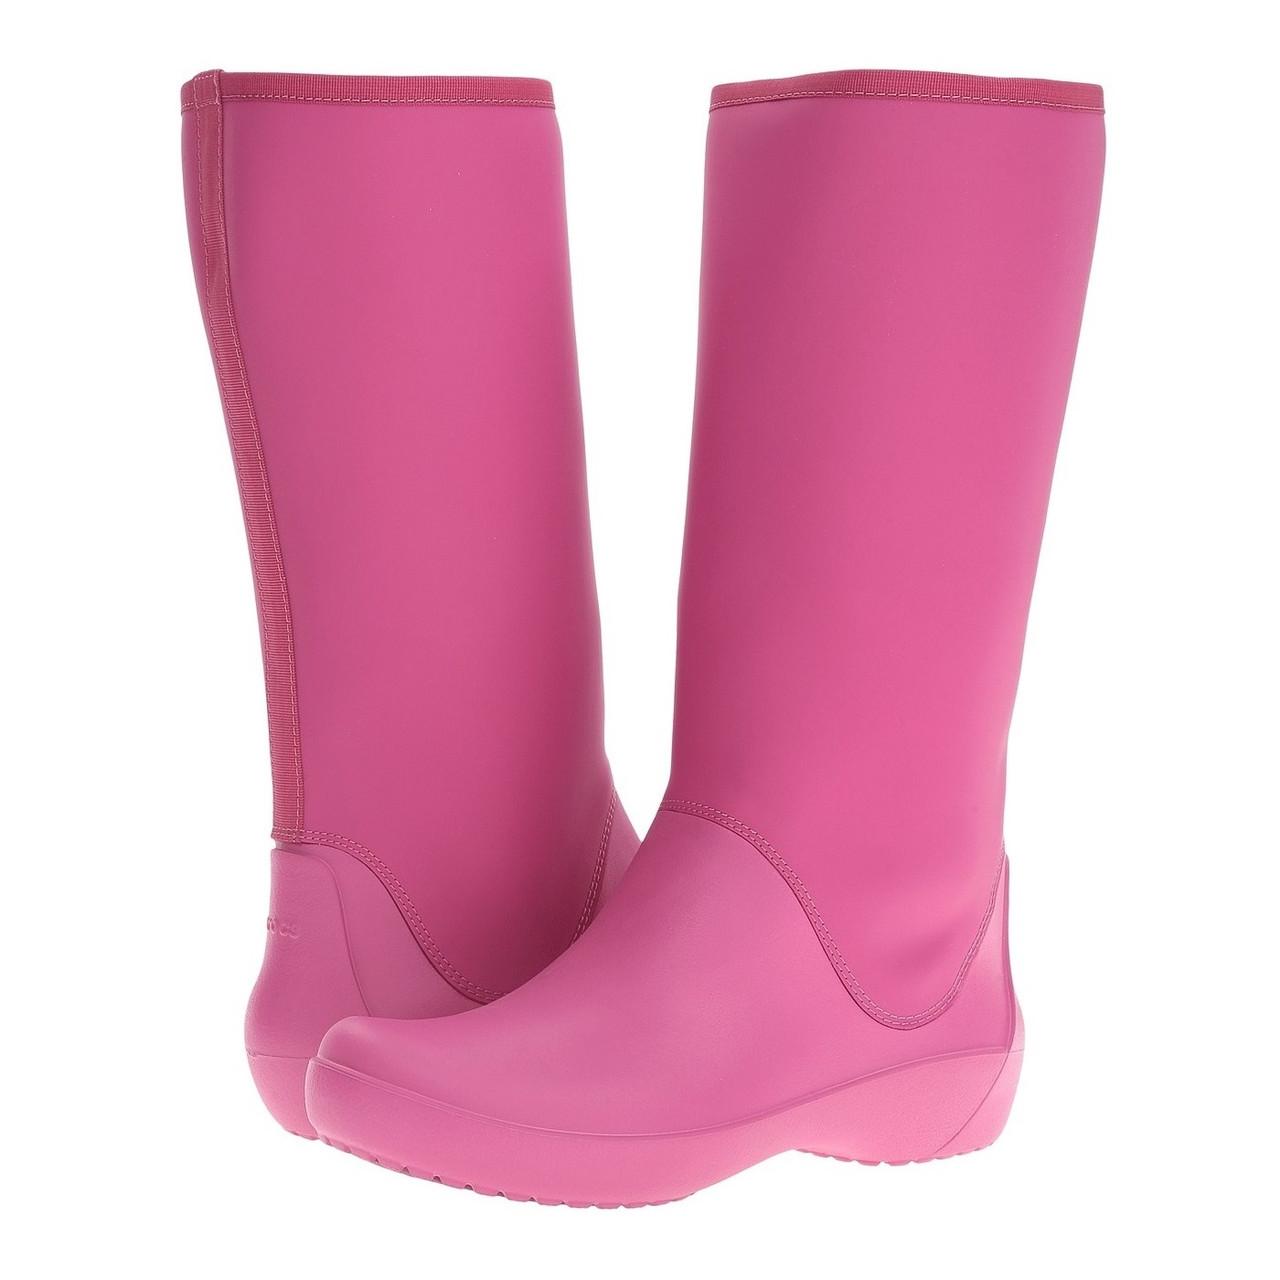 Сапоги резиновые женские высокие мягкие / Crocs Women's RainFloe Tall Boot (203416), Ягодные